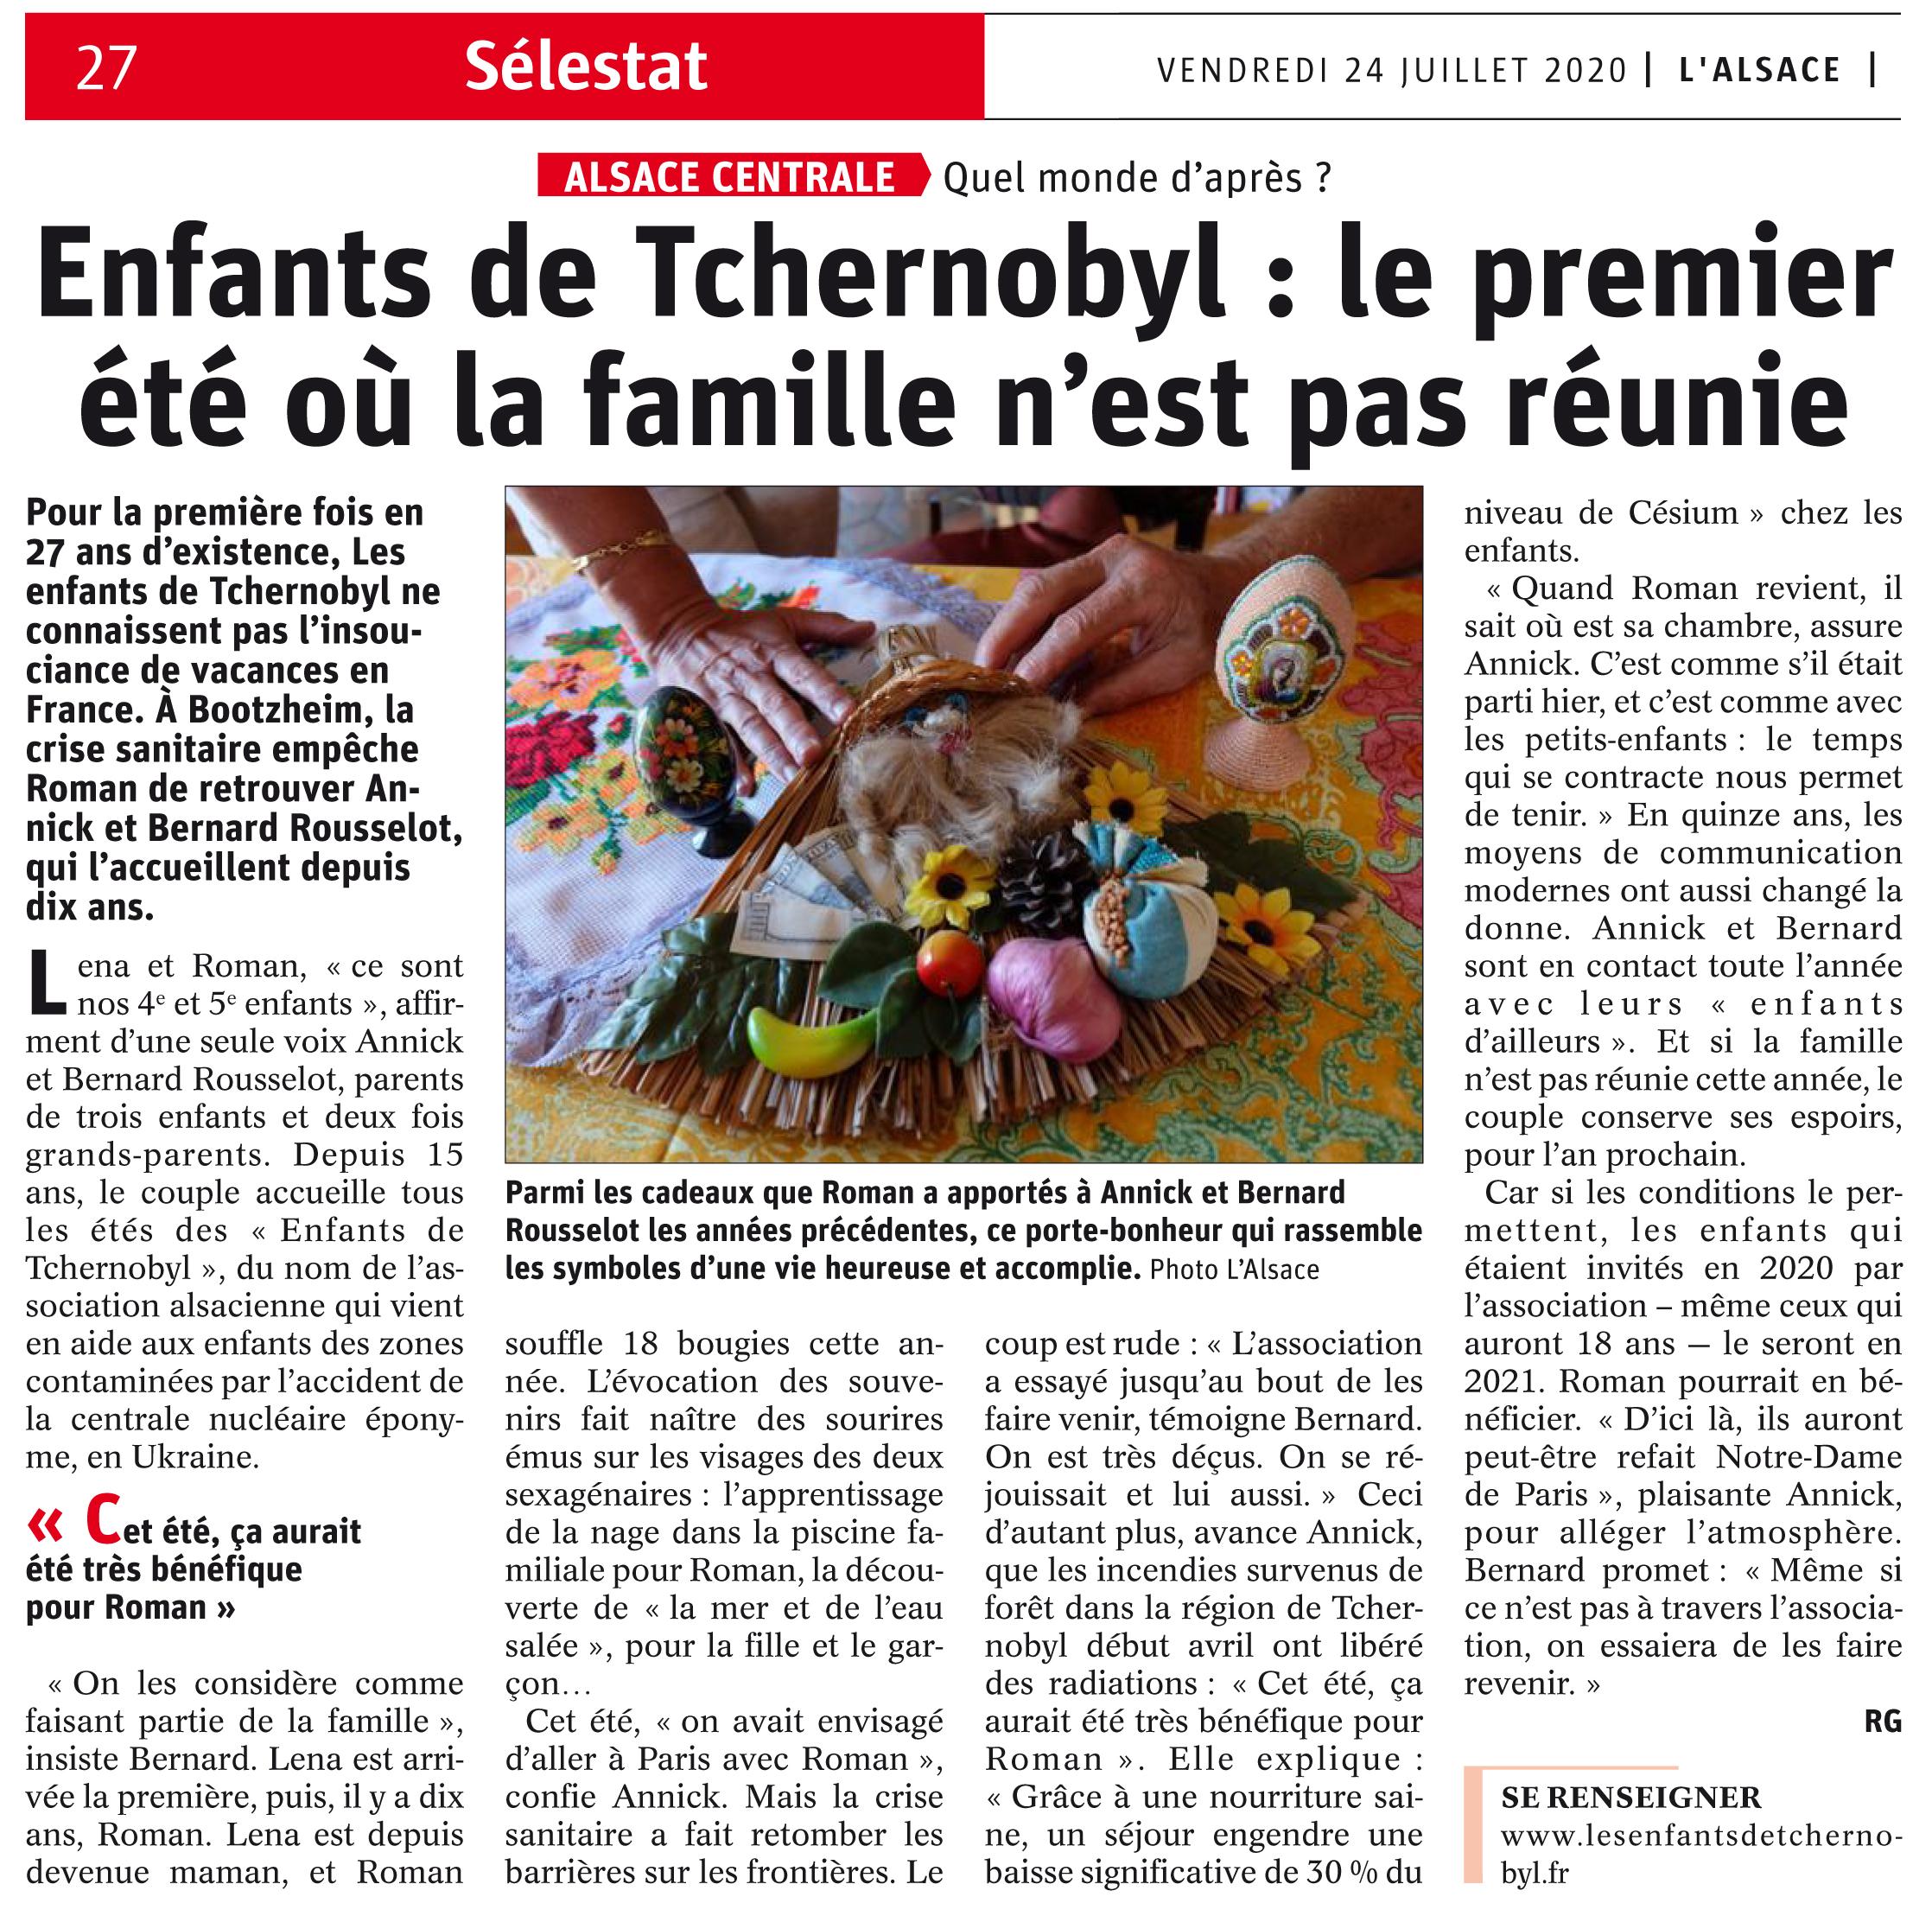 Lien vers l'article de l'Alsace du 24 juillet 2020 : Le premier été où la famille n'est pas réunie